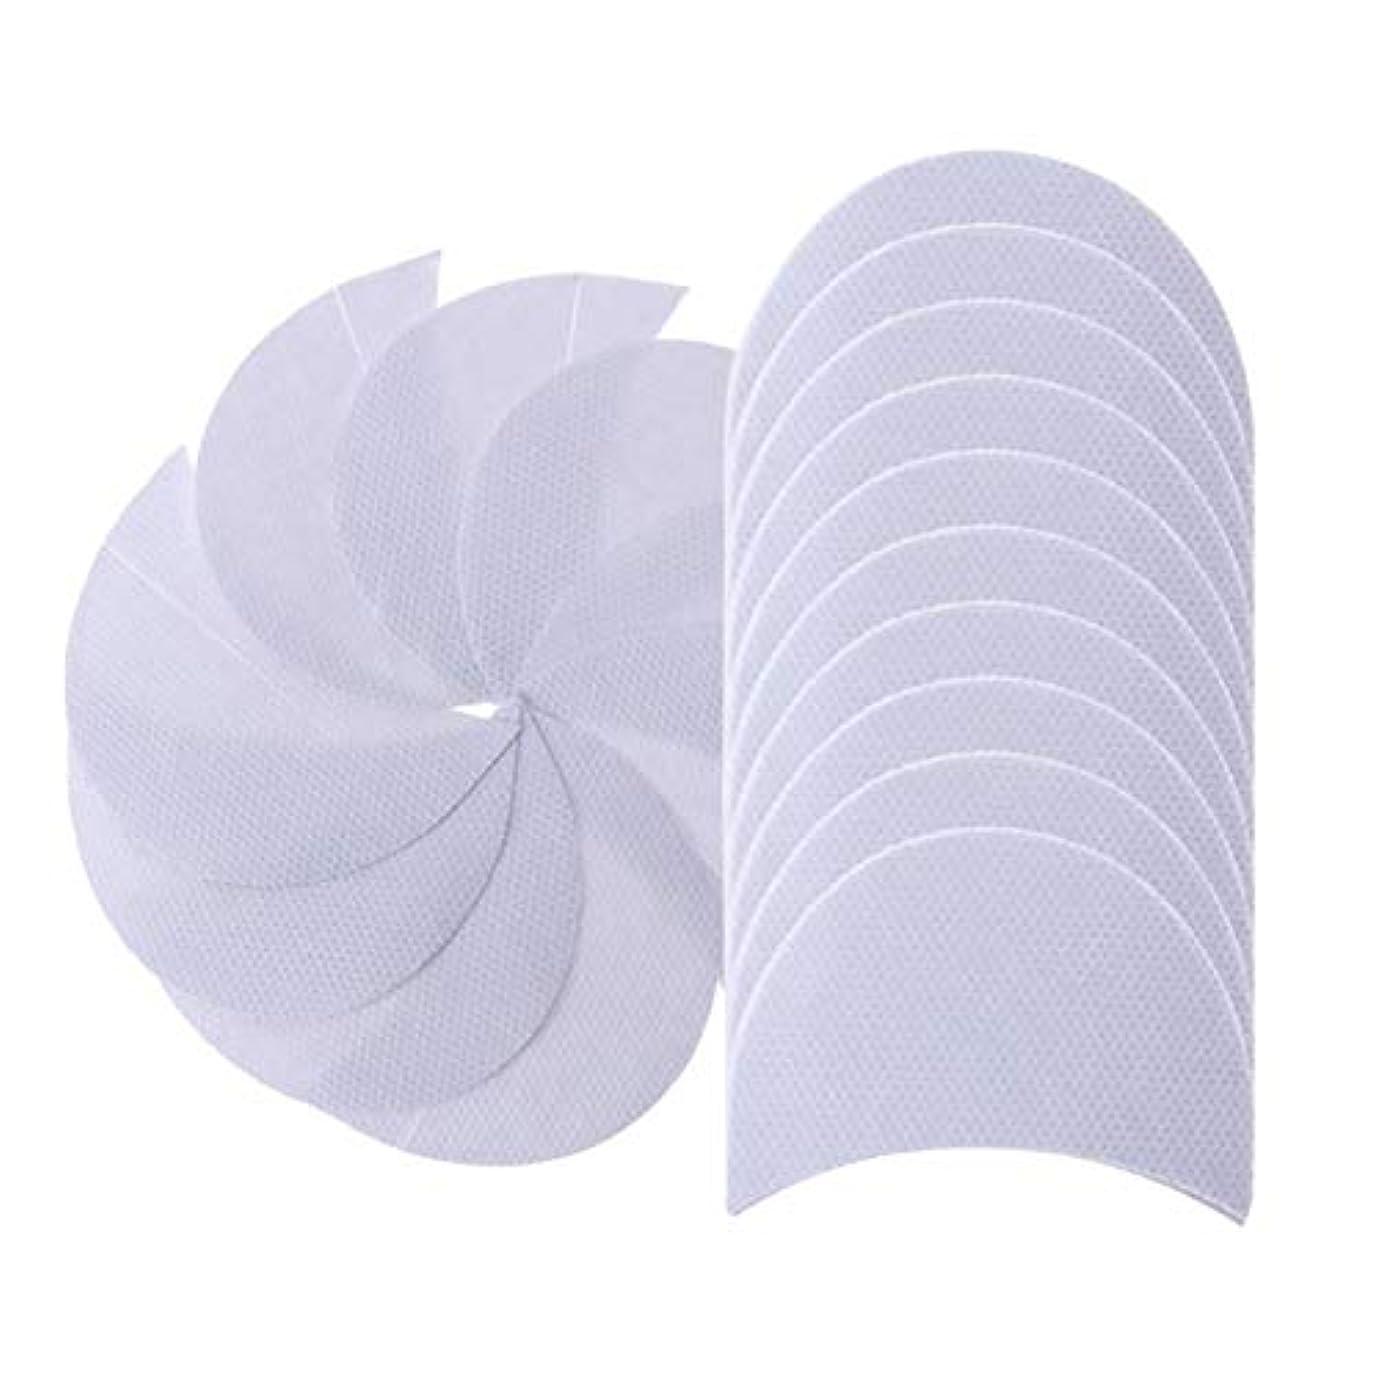 端マットレス袋目のアイシャドウのまつげエクステンションで50sheetパッドダストは、毎日使用するためシールズ唇メイクのプロのメイクアップアイシャドウ印刷テンプレートマスク